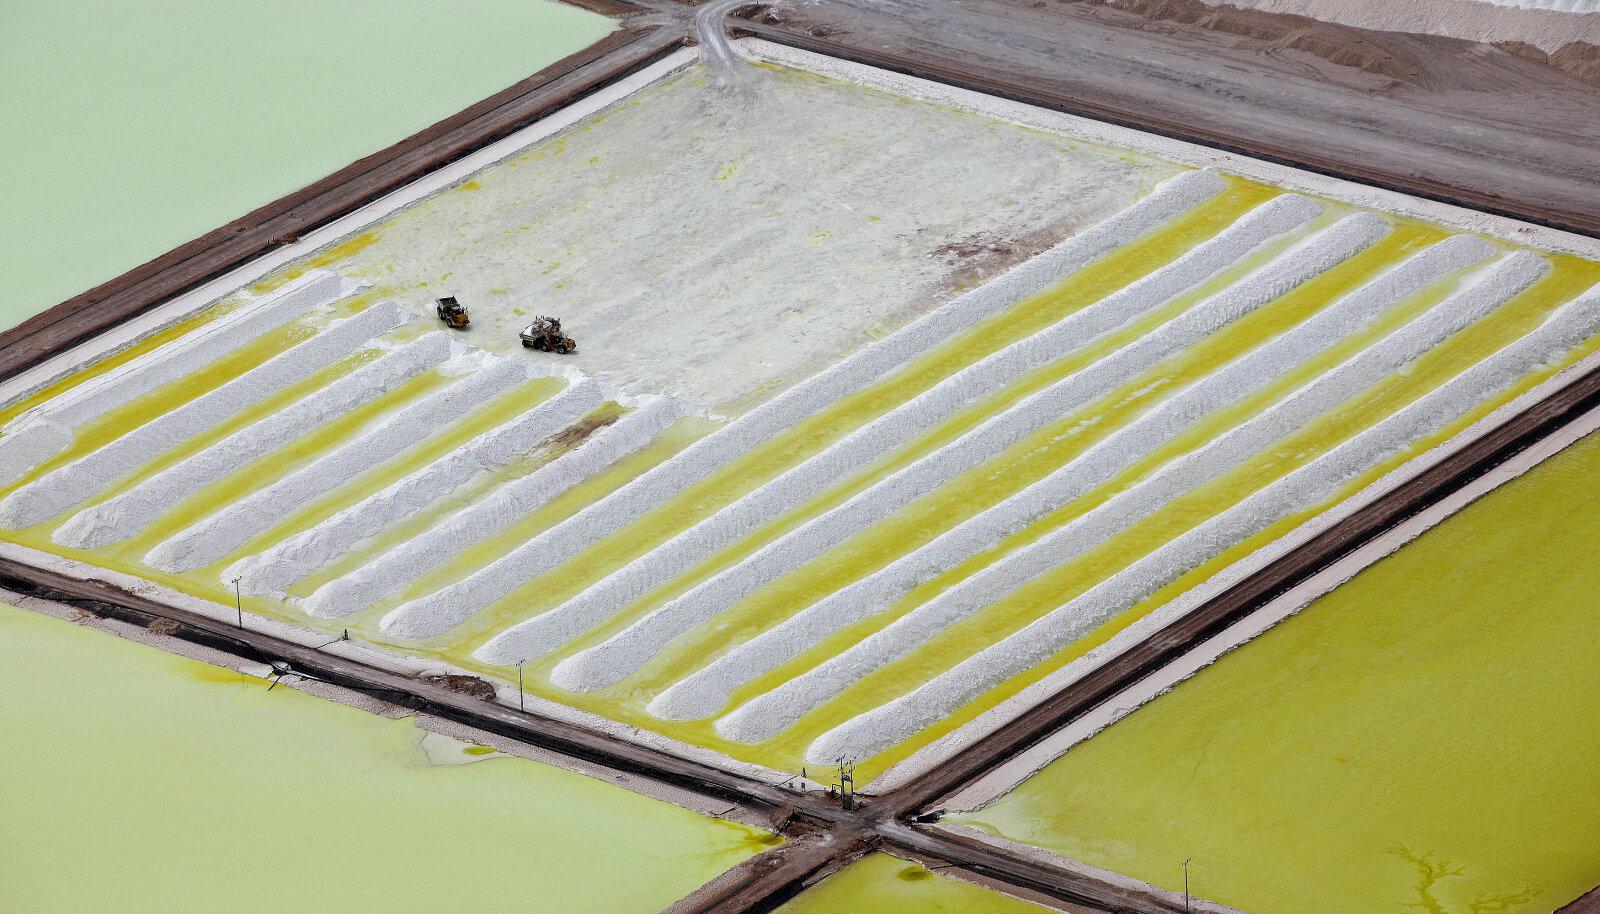 Liitiumi kaevandamine Tšiilis Atacama kõrbes